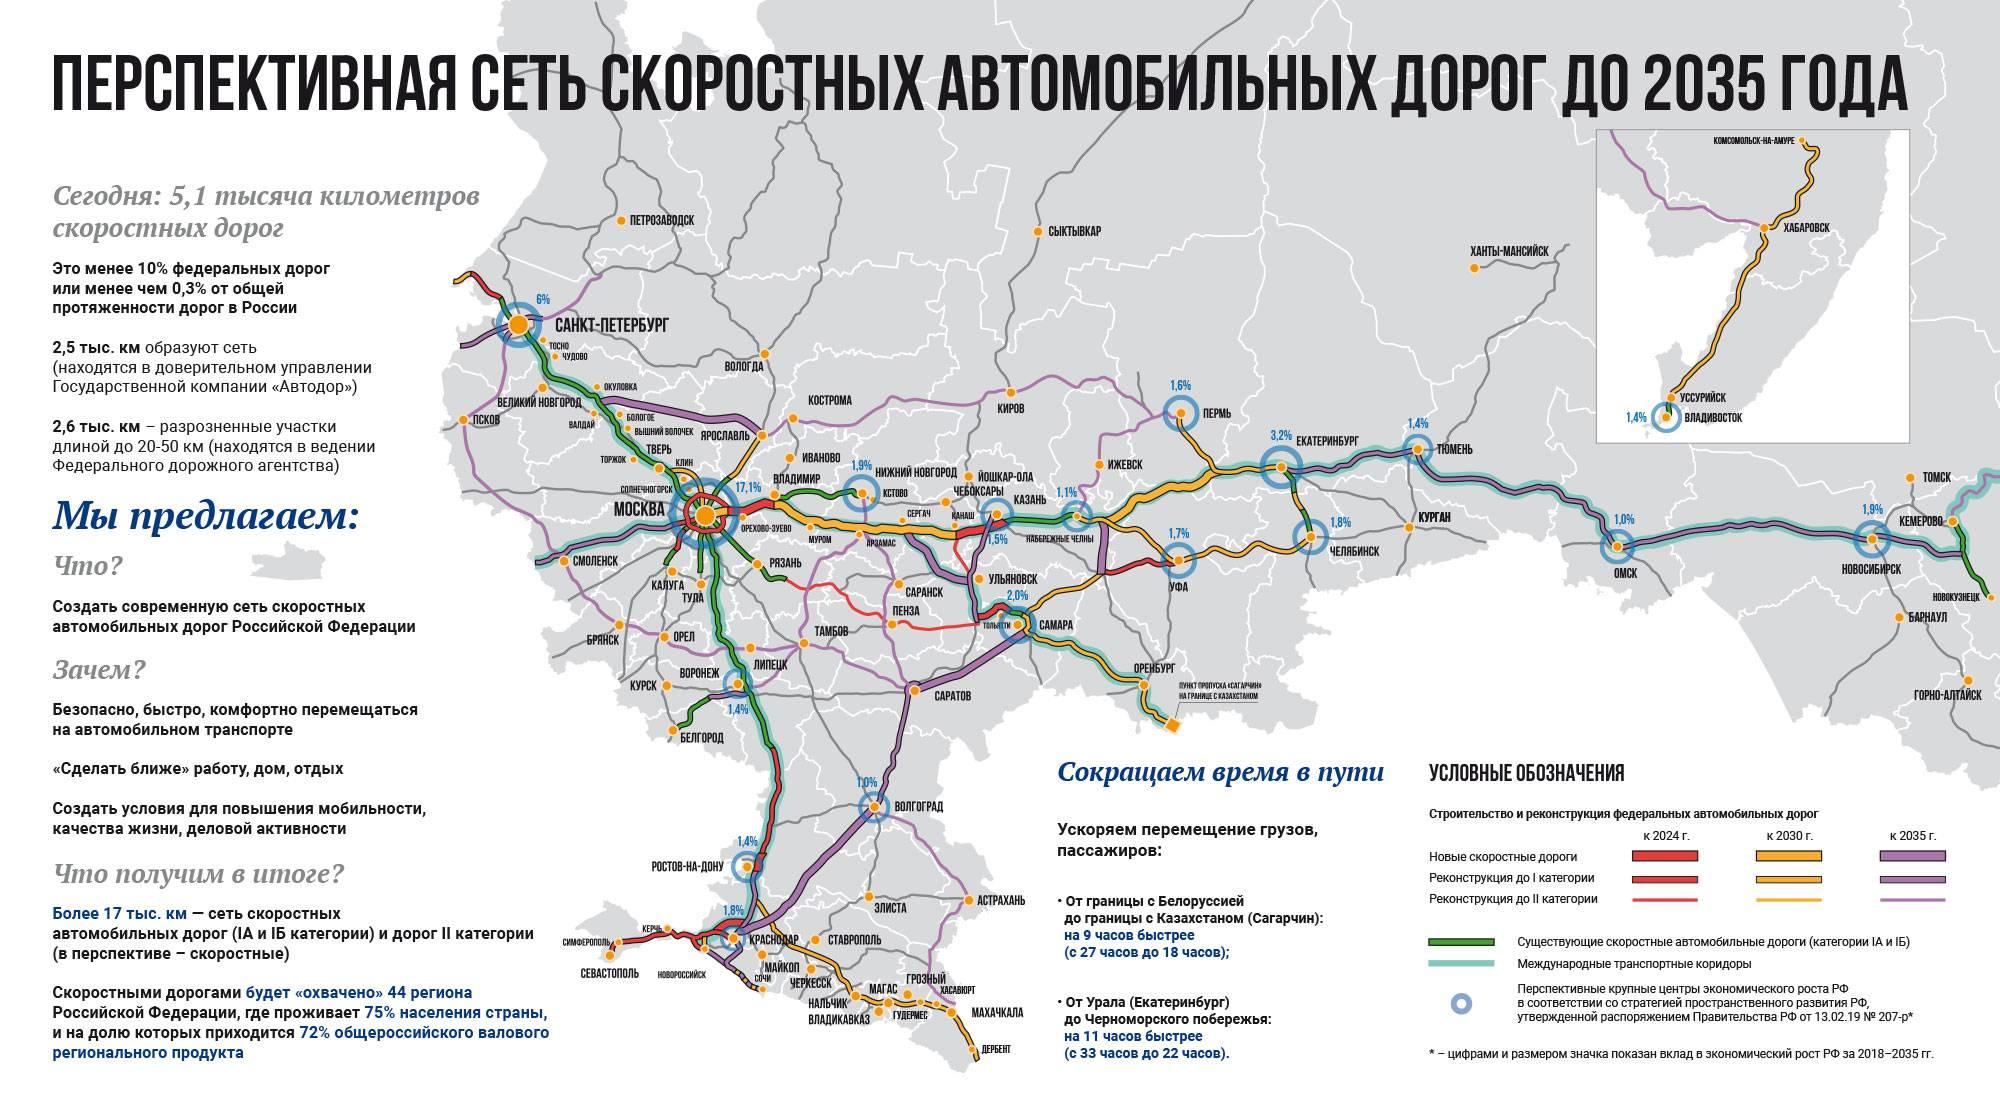 Венгрия – автомобильные платные дороги. виньетка (матрица). пдд и штрафы • autotraveler.ru